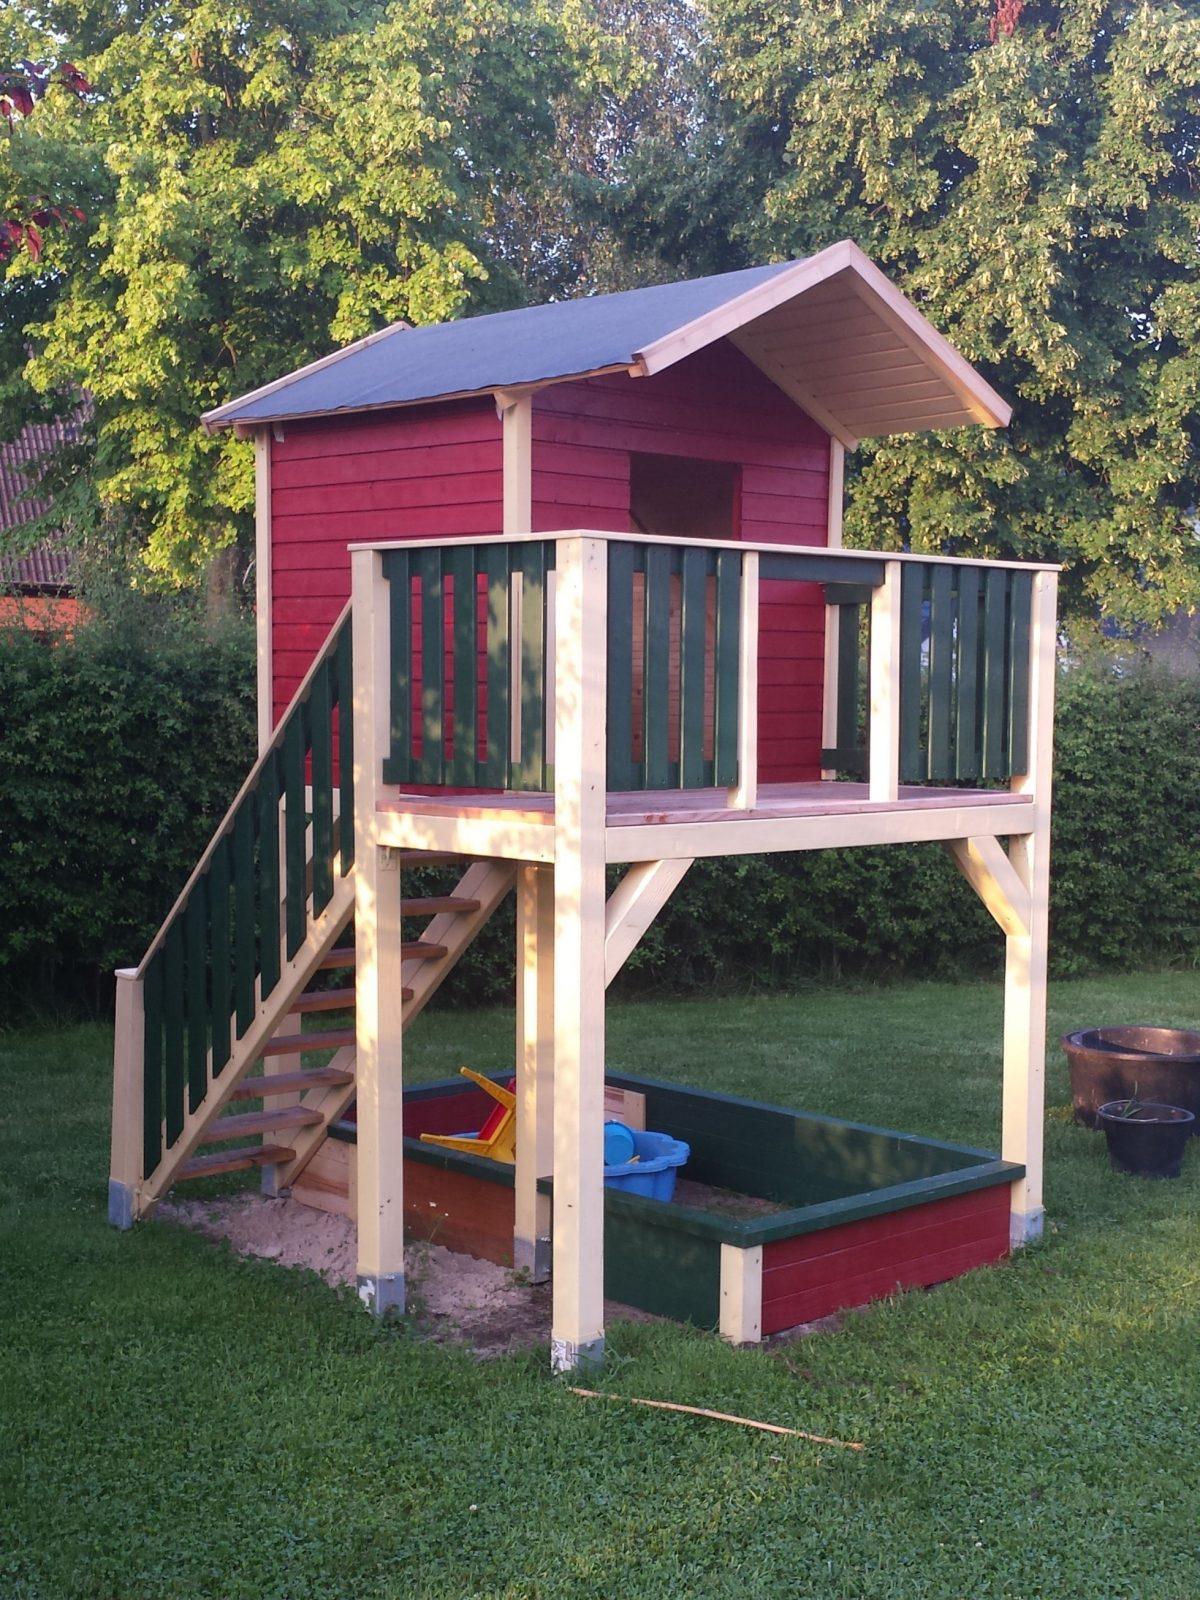 Spielturm Mit Treppe Bauanleitung Zum Selber Bauen  For My von Kinder Holzhaus Selber Bauen Bild